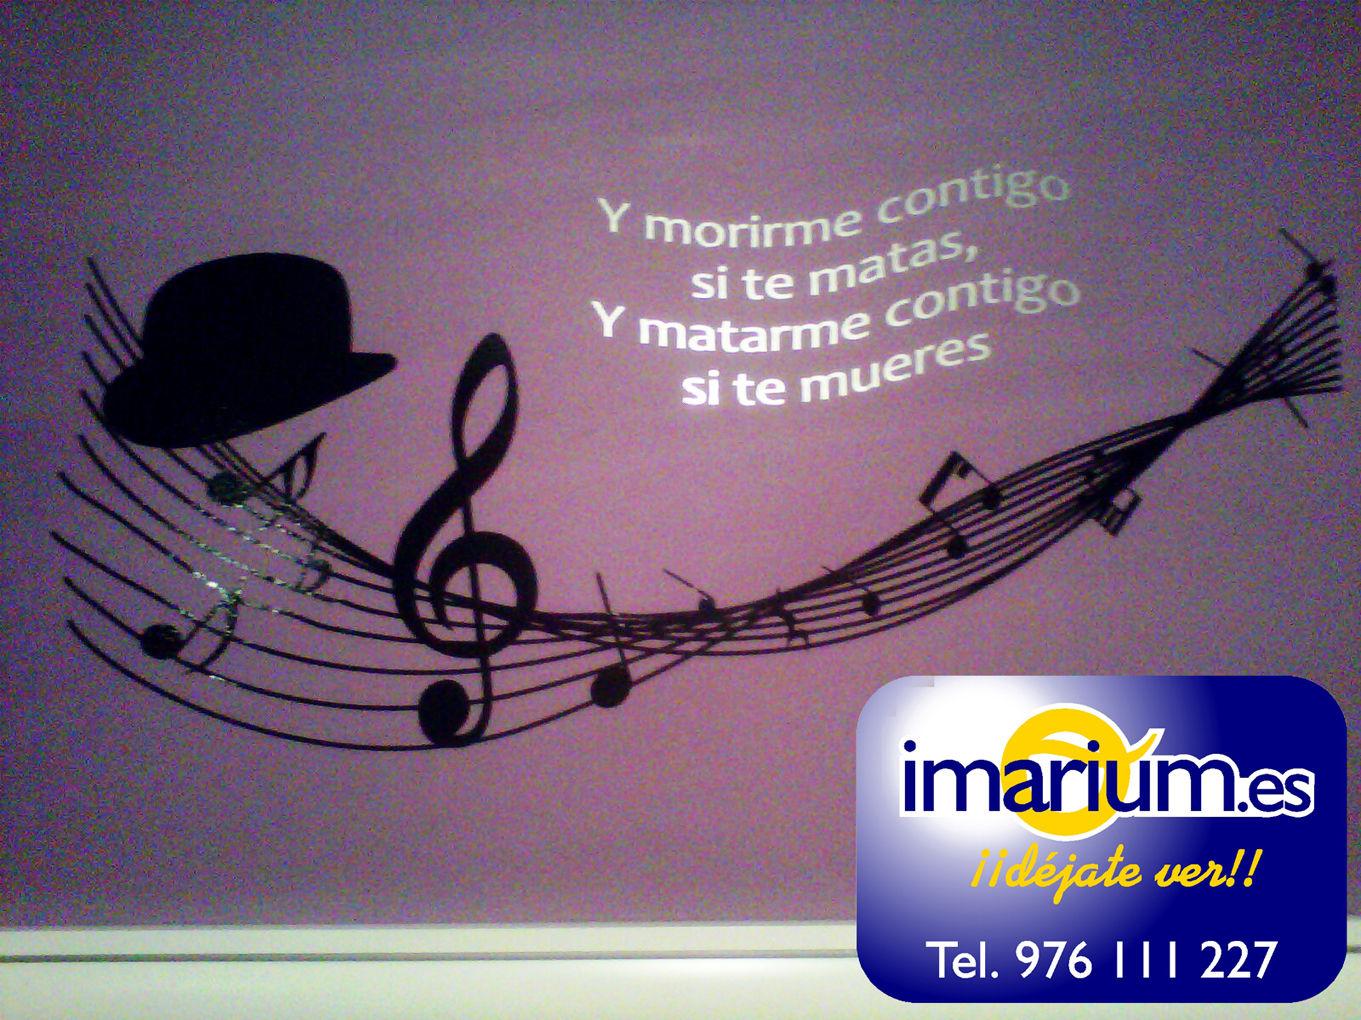 vinilos decorativos granada cabeceros dormitorios fotomurales con dibujos y frases de canciones populares decoracion paredes